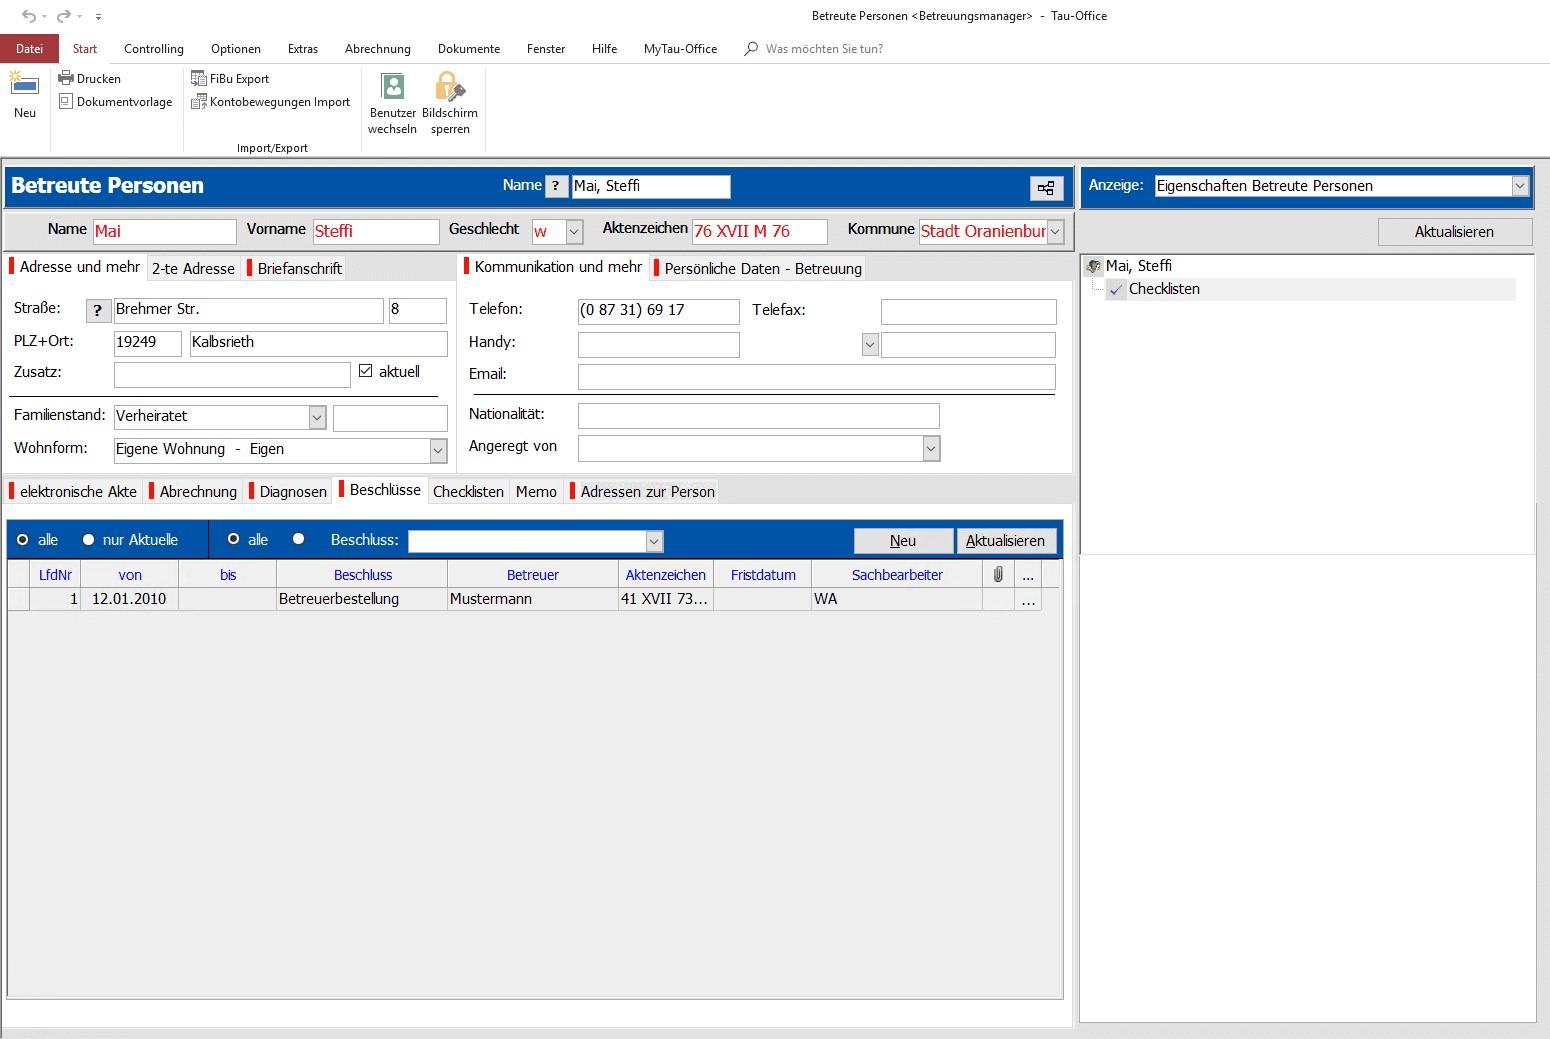 Verwalten Sie Ihre Beschlüsse ganz einfach mit Tau-Office BetreuungsManager.